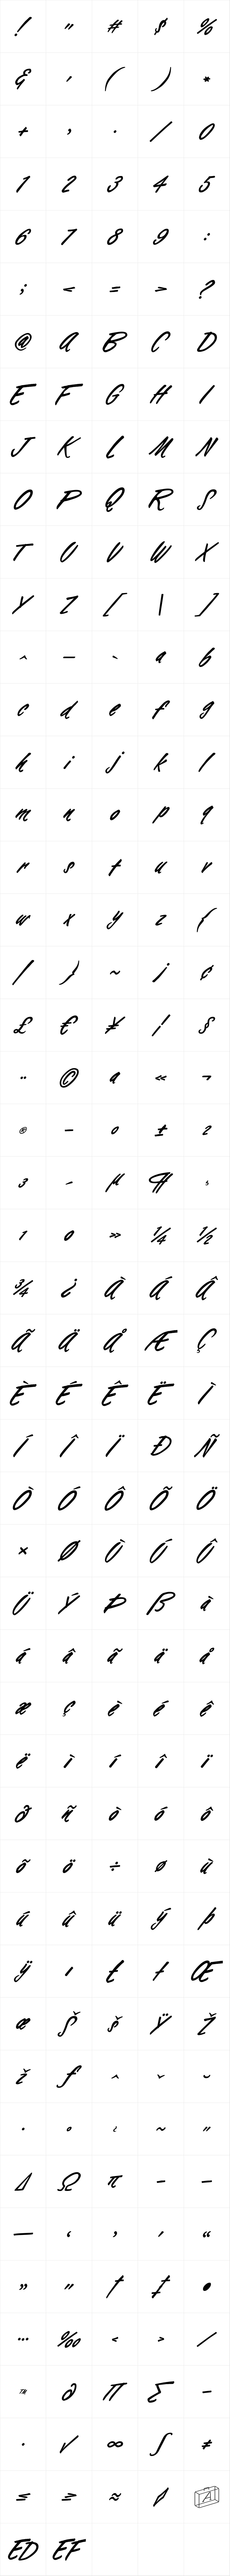 Falcon Brushscript Bold